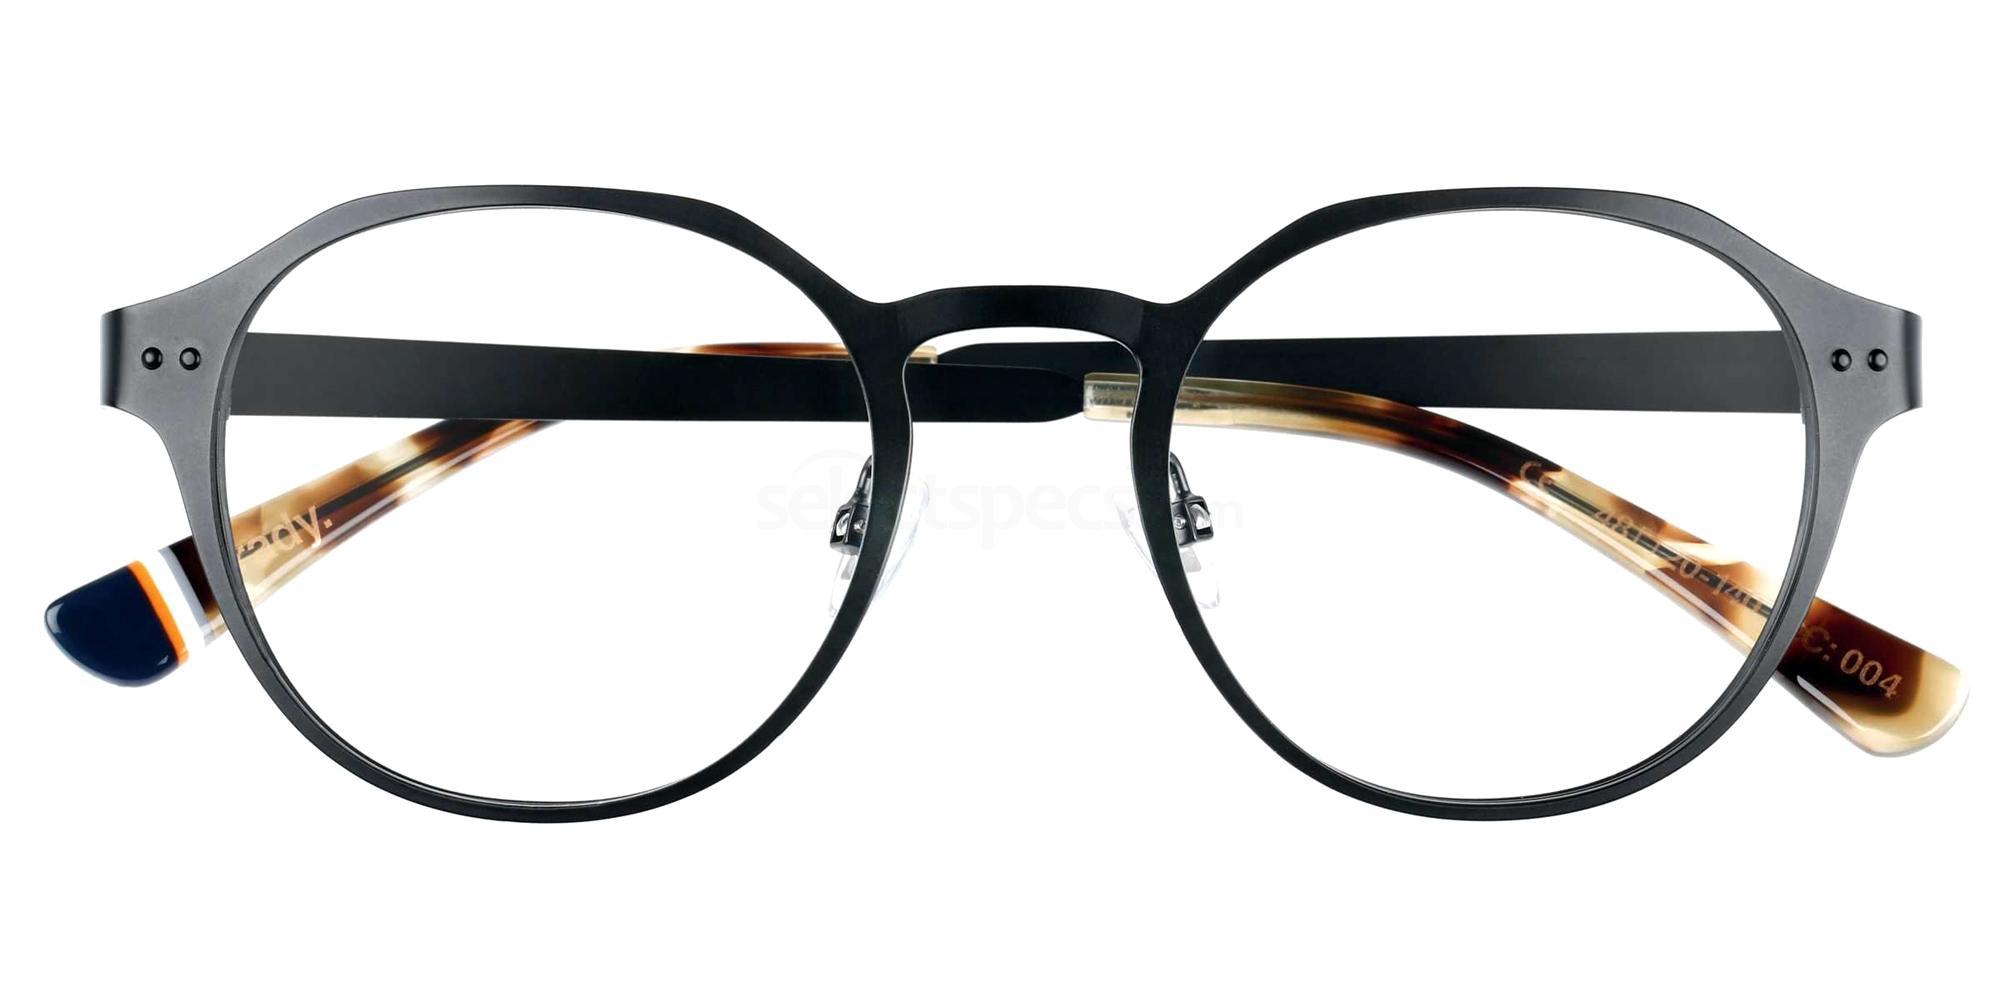 Occhiali da Vista Superdry SDO BUSTER 003 5dYtNqD5p